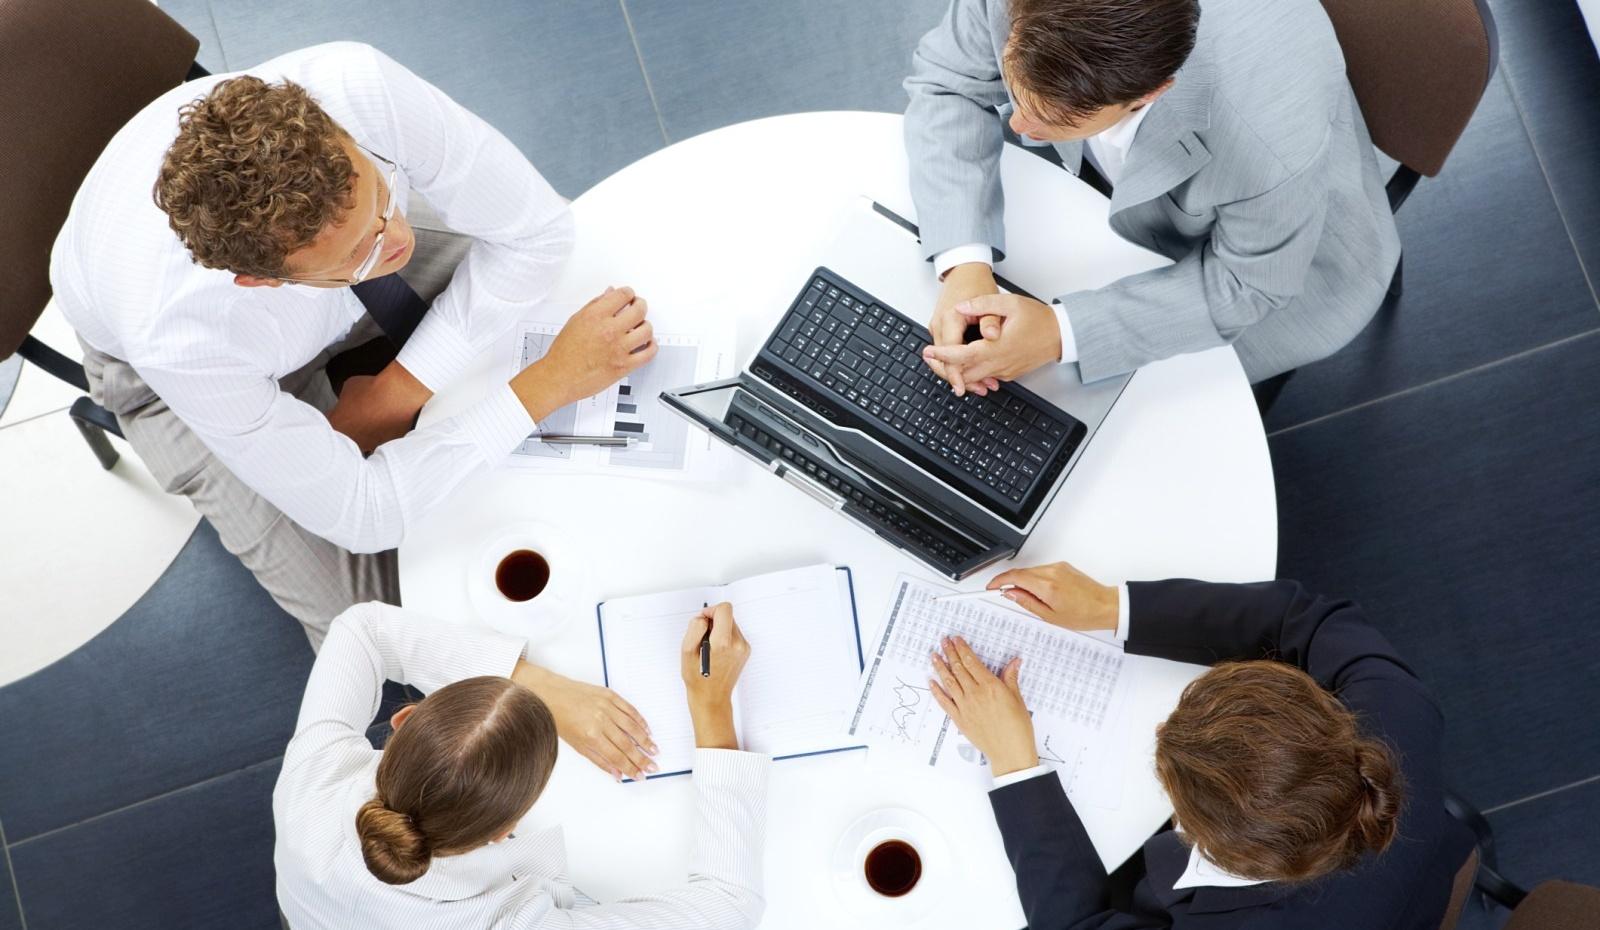 5657bf2fe Kto z nás ešte neabsolvoval pracovné stretnutie?! Schôdzka s kolegami,  vedením firmy, klientom, či s obchodným partnerom je súčasťou pracovného  života ...